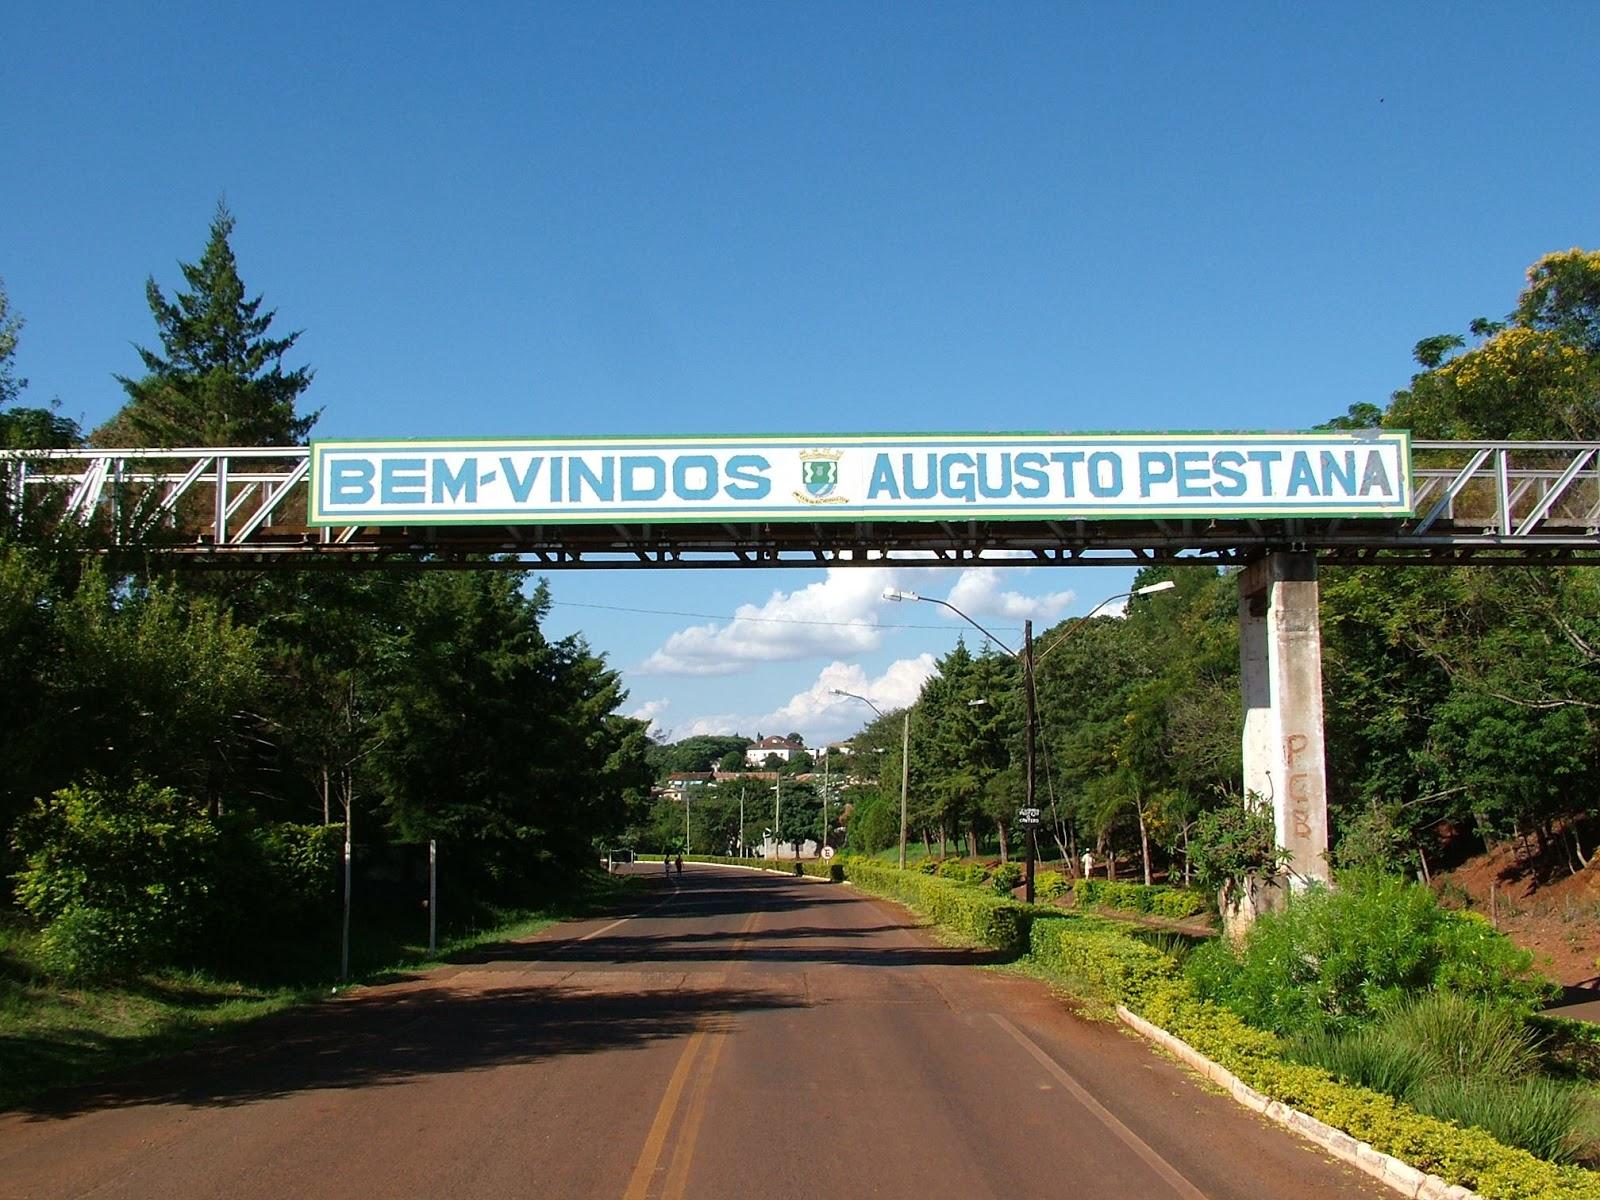 Augusto Pestana Rio Grande do Sul fonte: 2.bp.blogspot.com